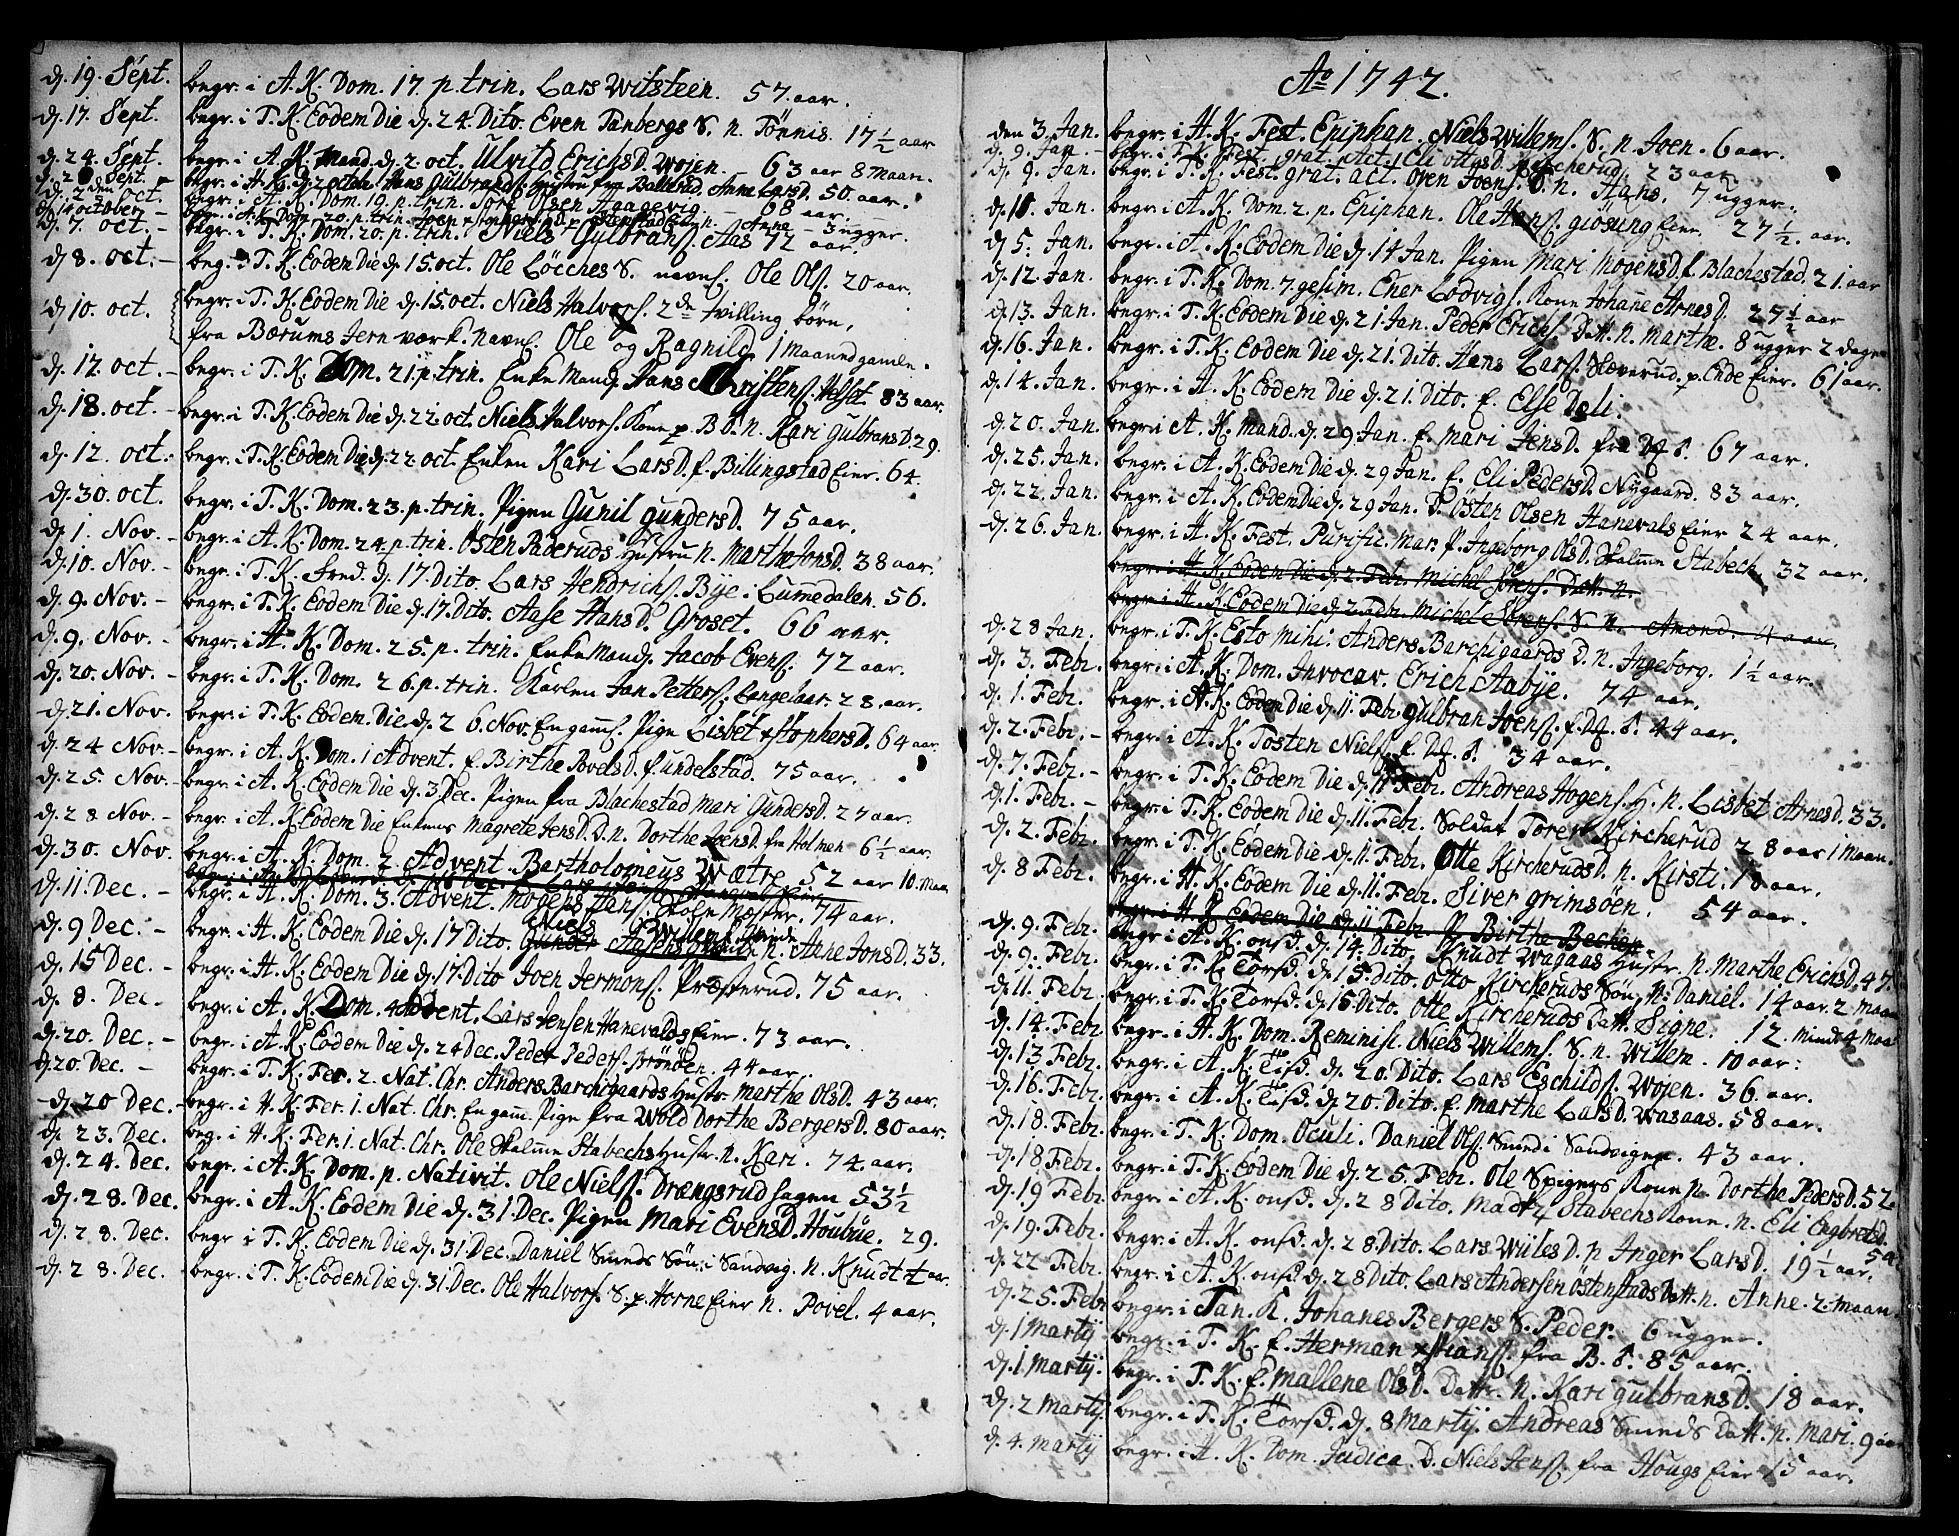 SAO, Asker prestekontor Kirkebøker, F/Fa/L0001: Ministerialbok nr. I 1, 1726-1744, s. 108